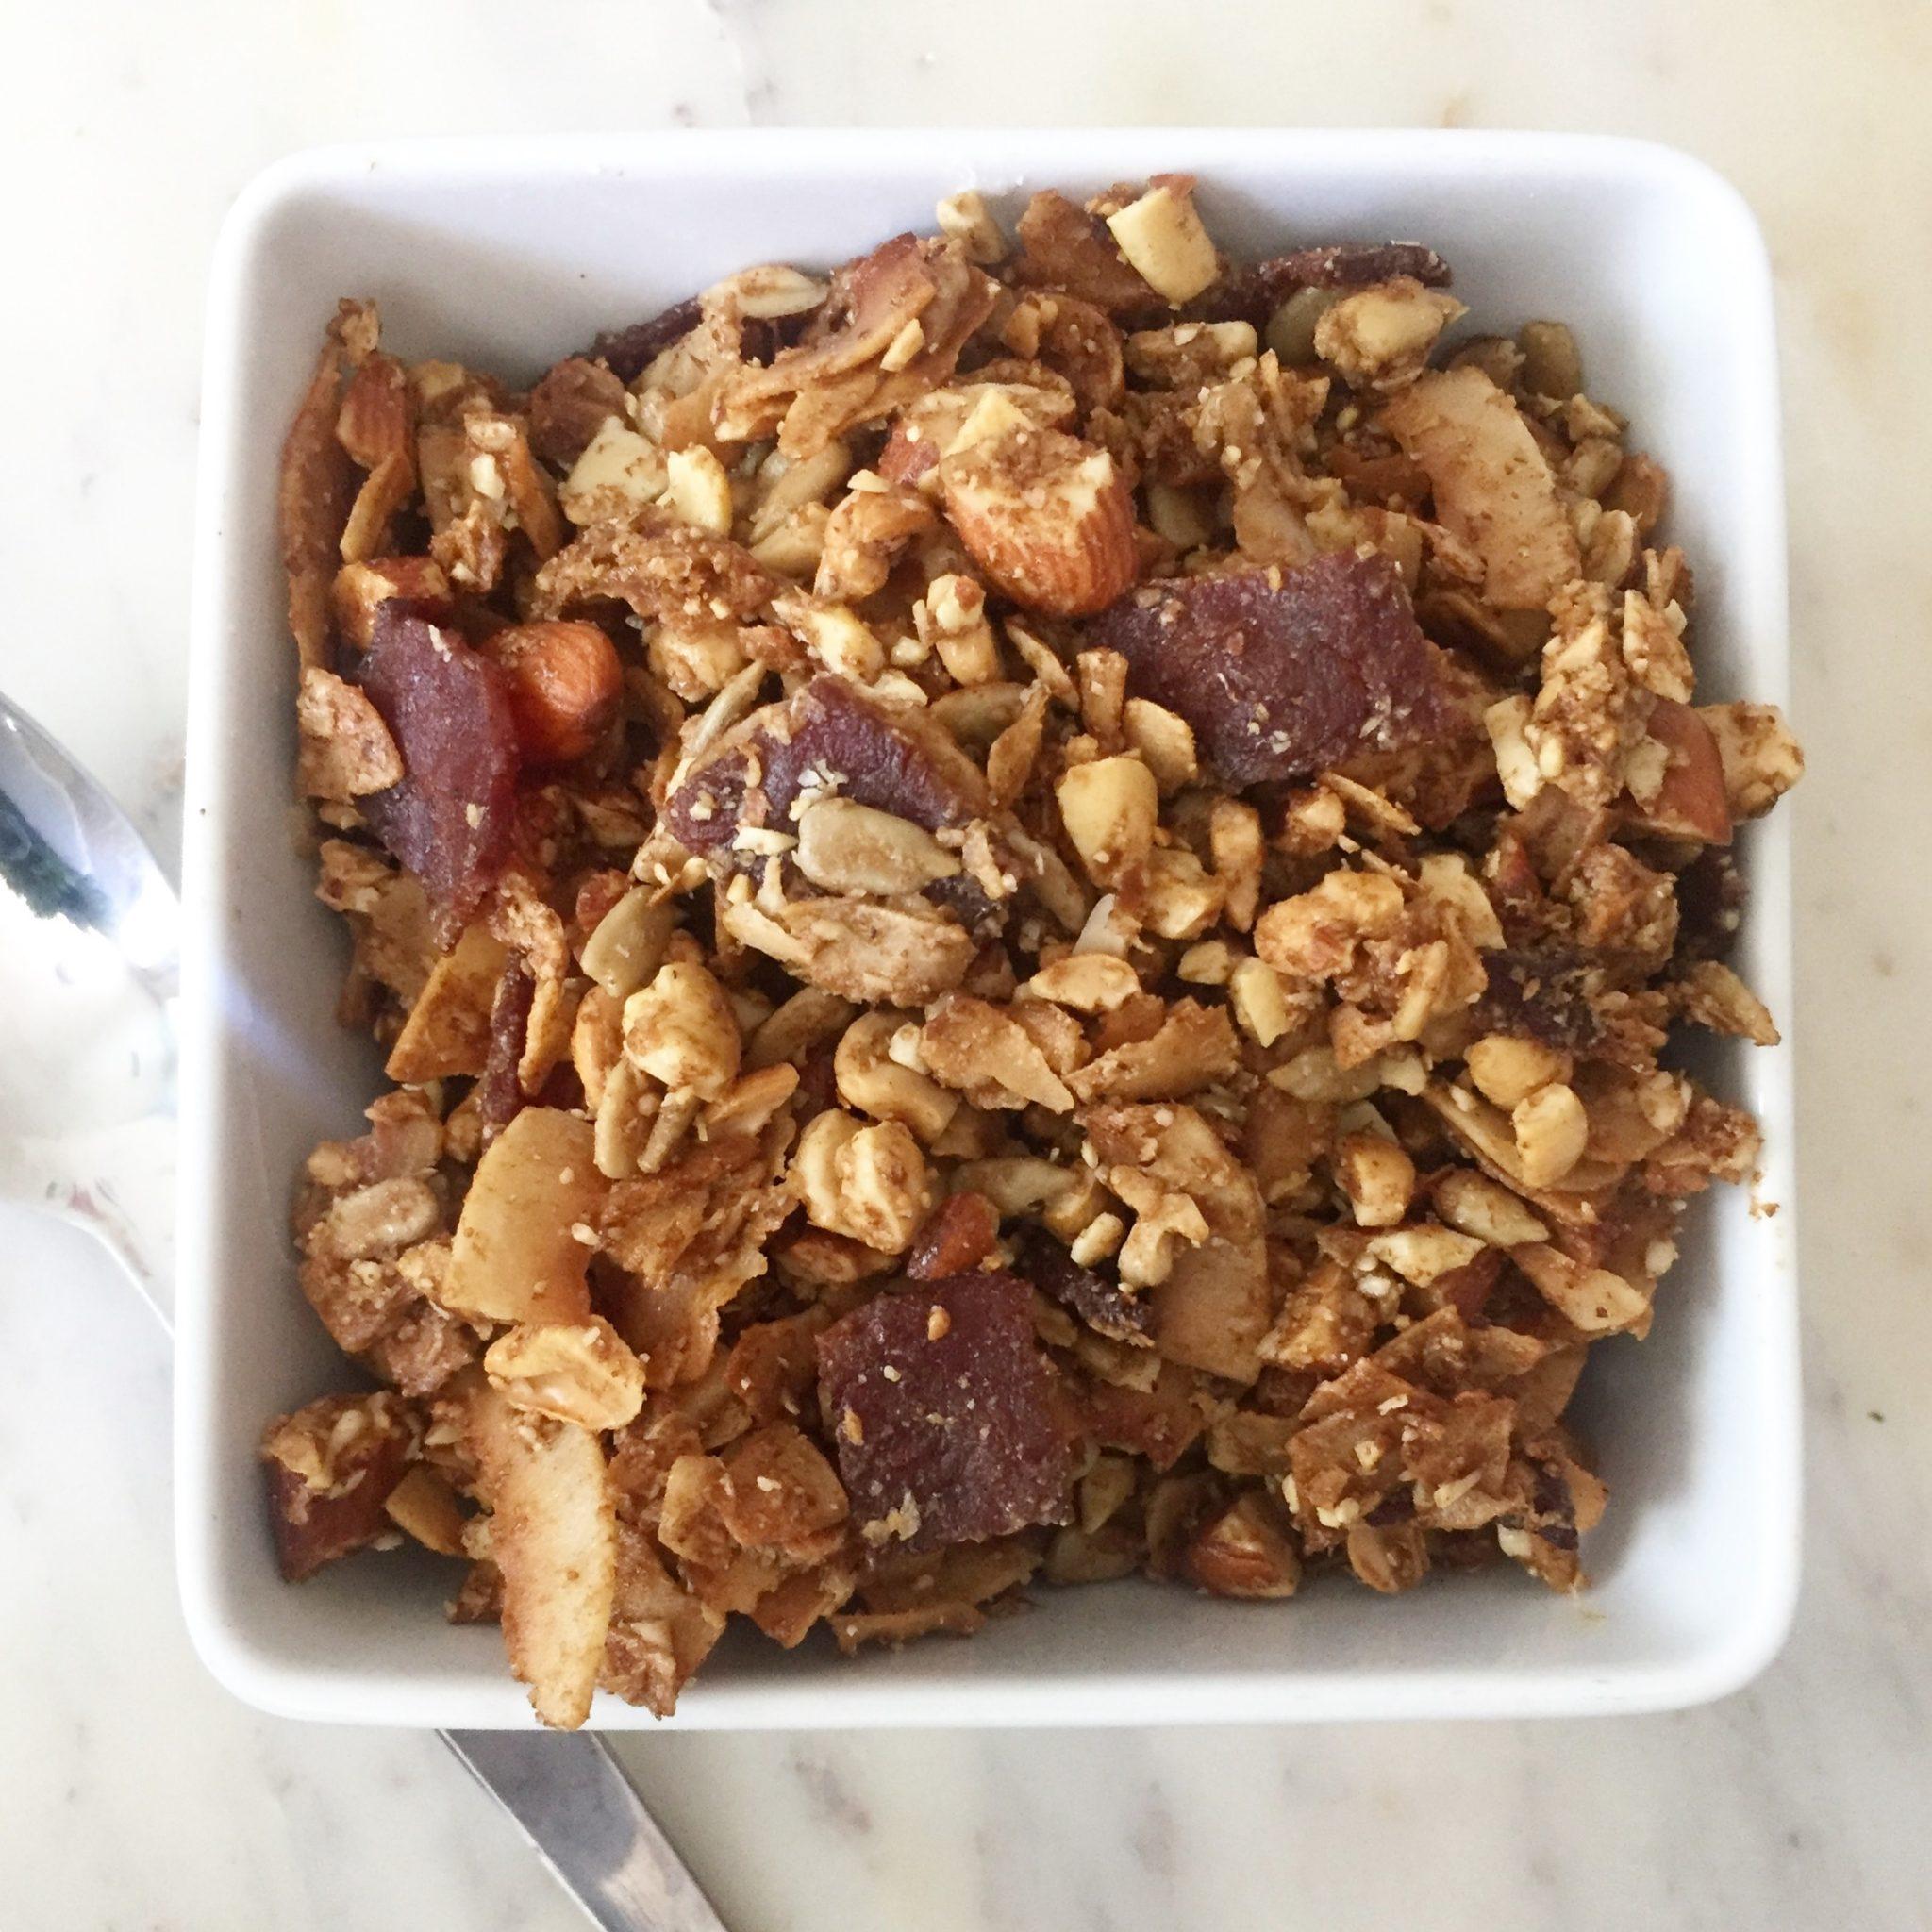 Keto Sweet Bacon Granola Recipe